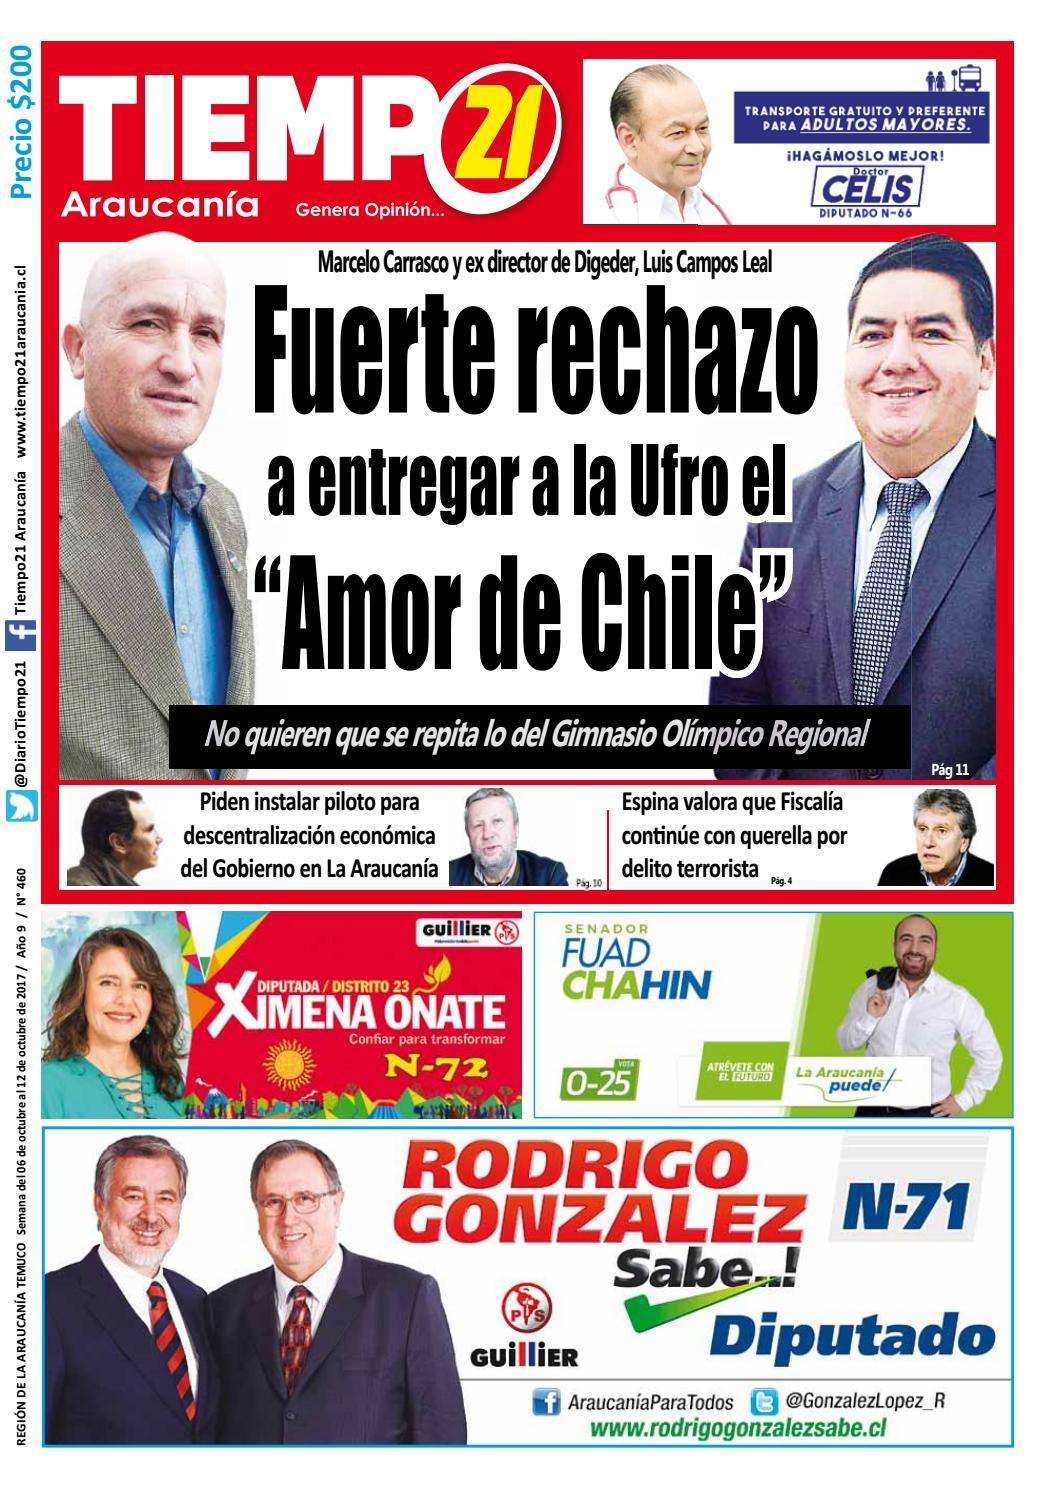 Edici N 460 Fuerte Rechazo A Entregar A La Ufro El Amor De Chile  # Muebles Fourcade Limitada